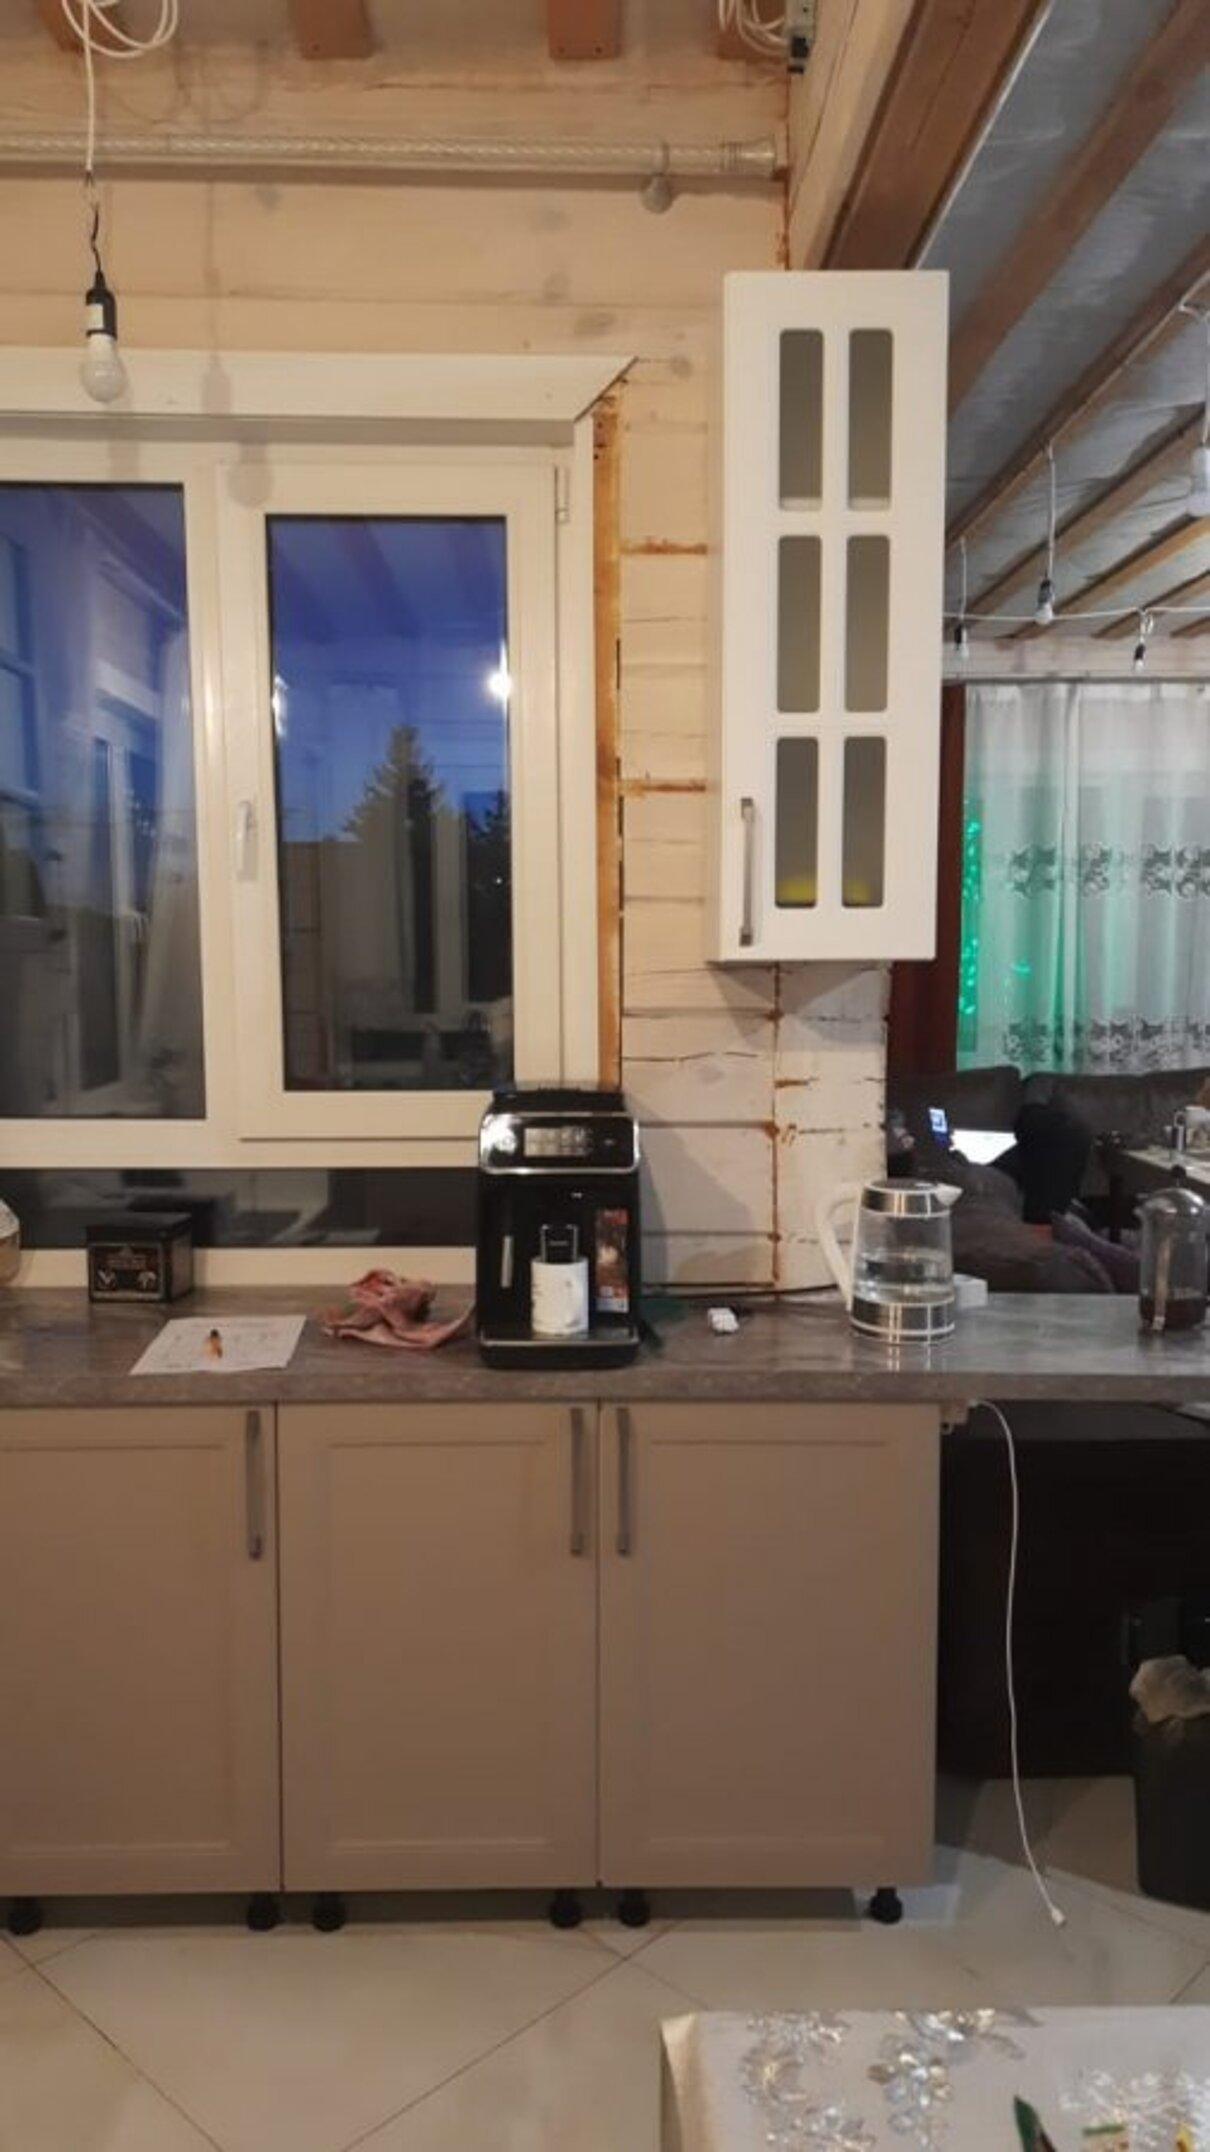 Жалоба-отзыв: Некомпетентный сотрудник - Ирина 8 963 672-33-01 - Менеджер по кухням с огромным количеством ошибок.  Фото №3